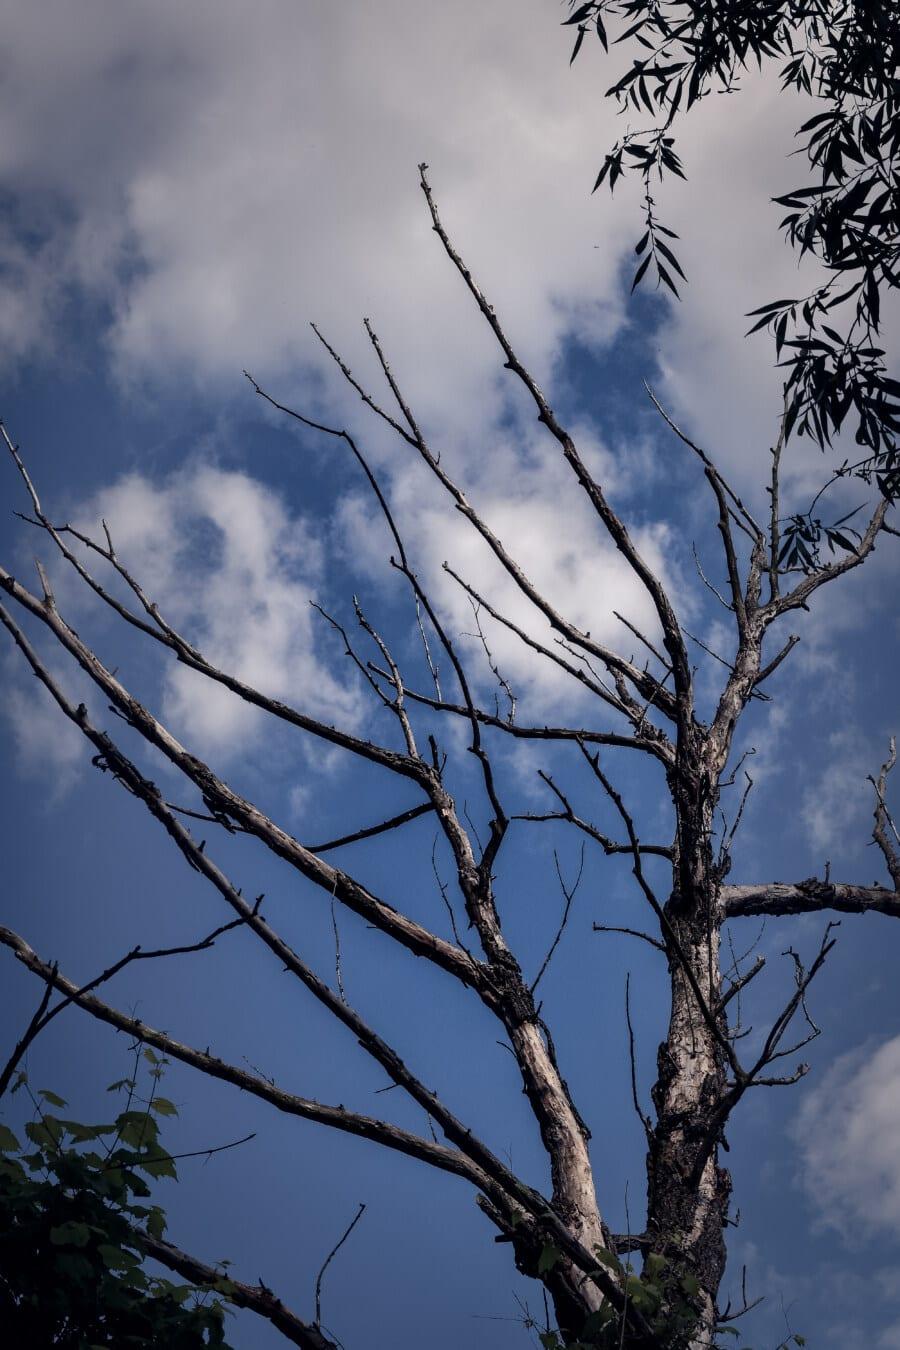 Struktur, trocken, alt, Geäst, blauer Himmel, Ast, Natur, Holz, Landschaft, Blatt